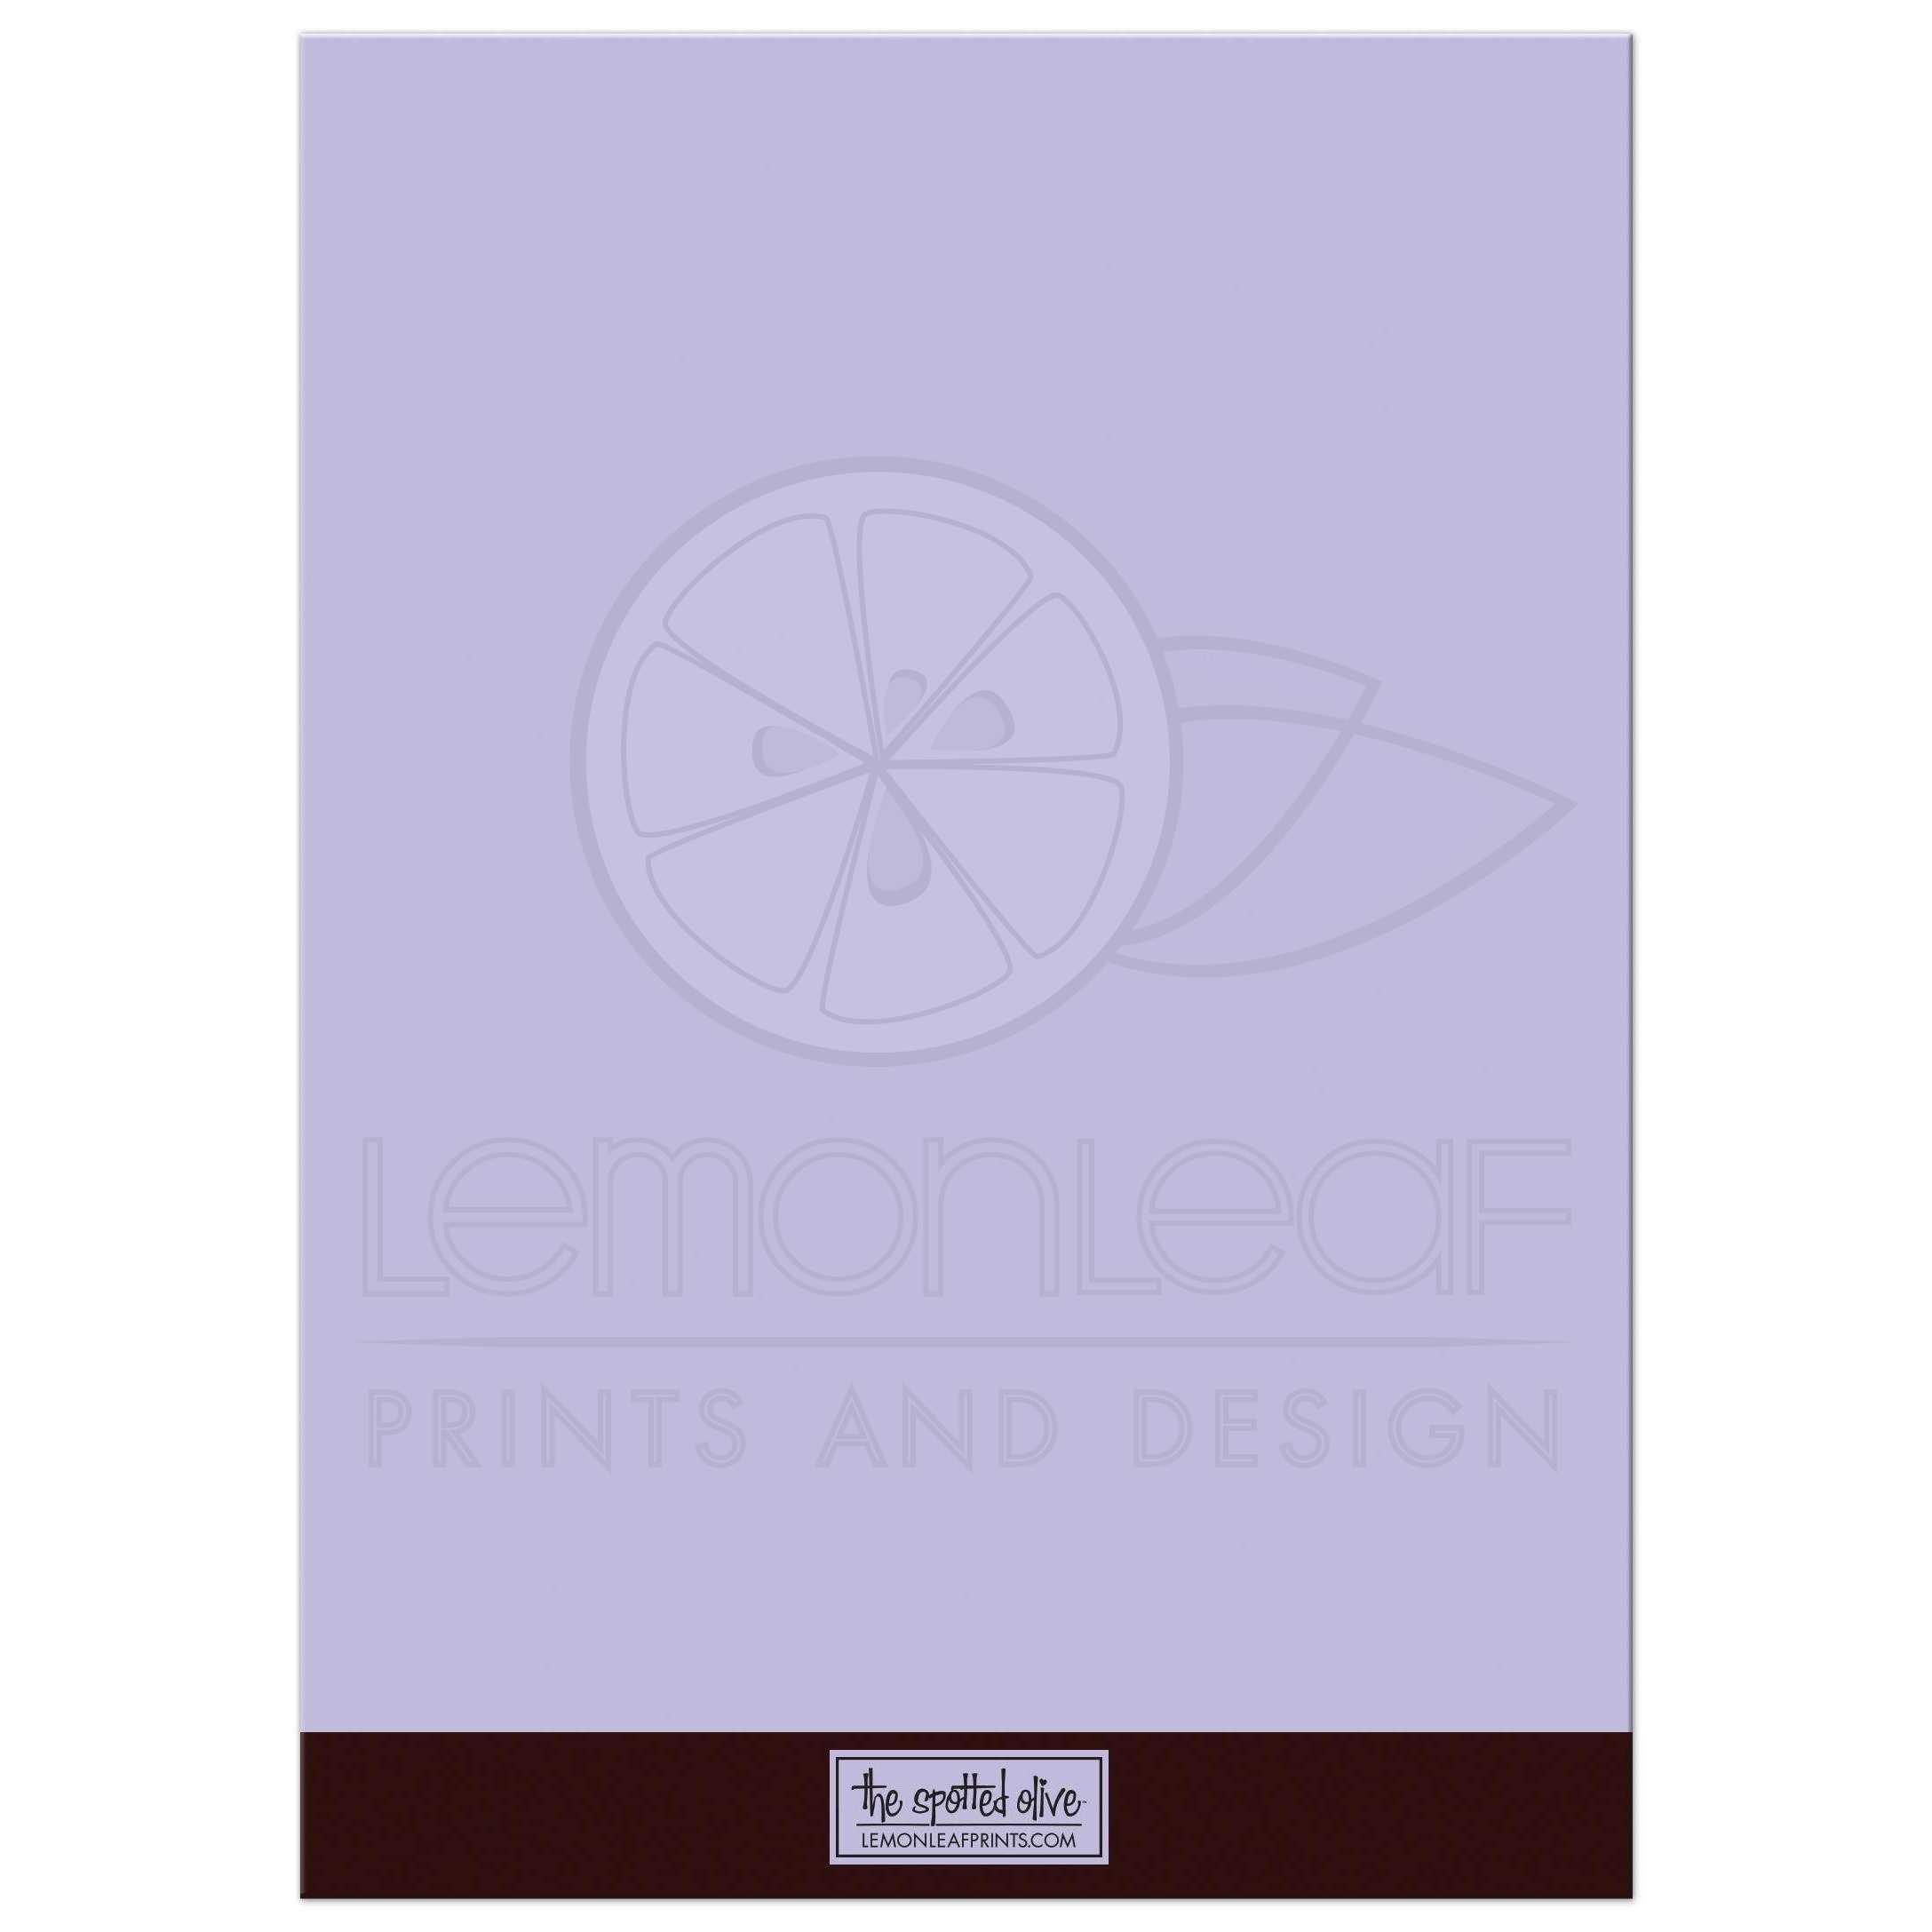 Bachelorette Party Invitations - Leopard Print Shoes - Lavender